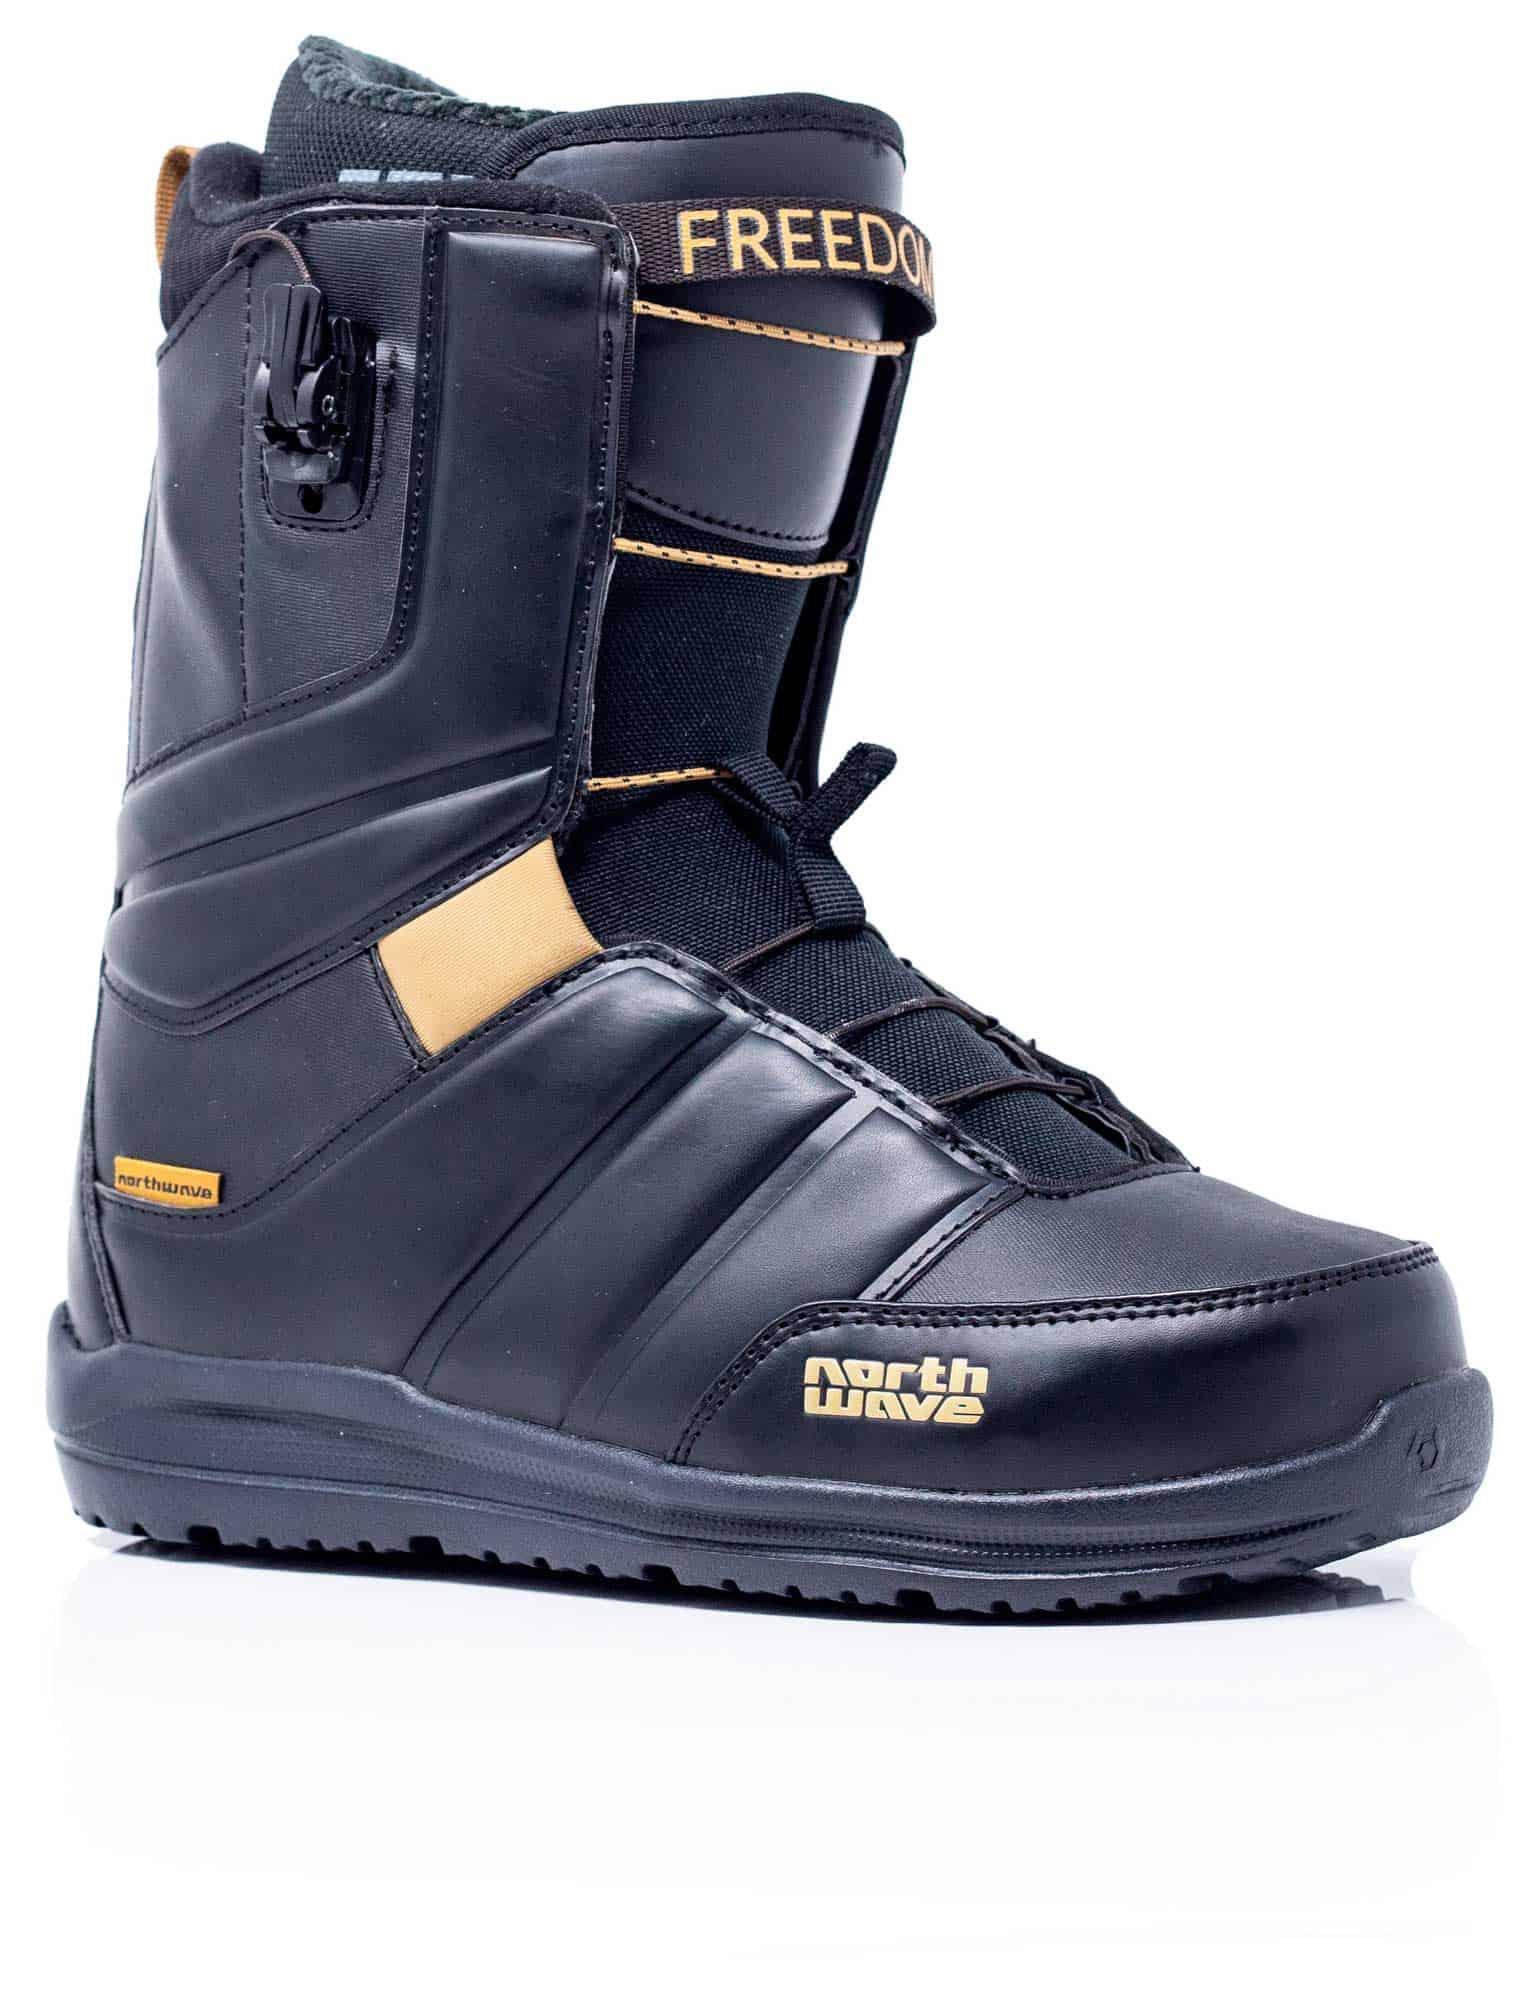 comprar botas de snowboard baratas